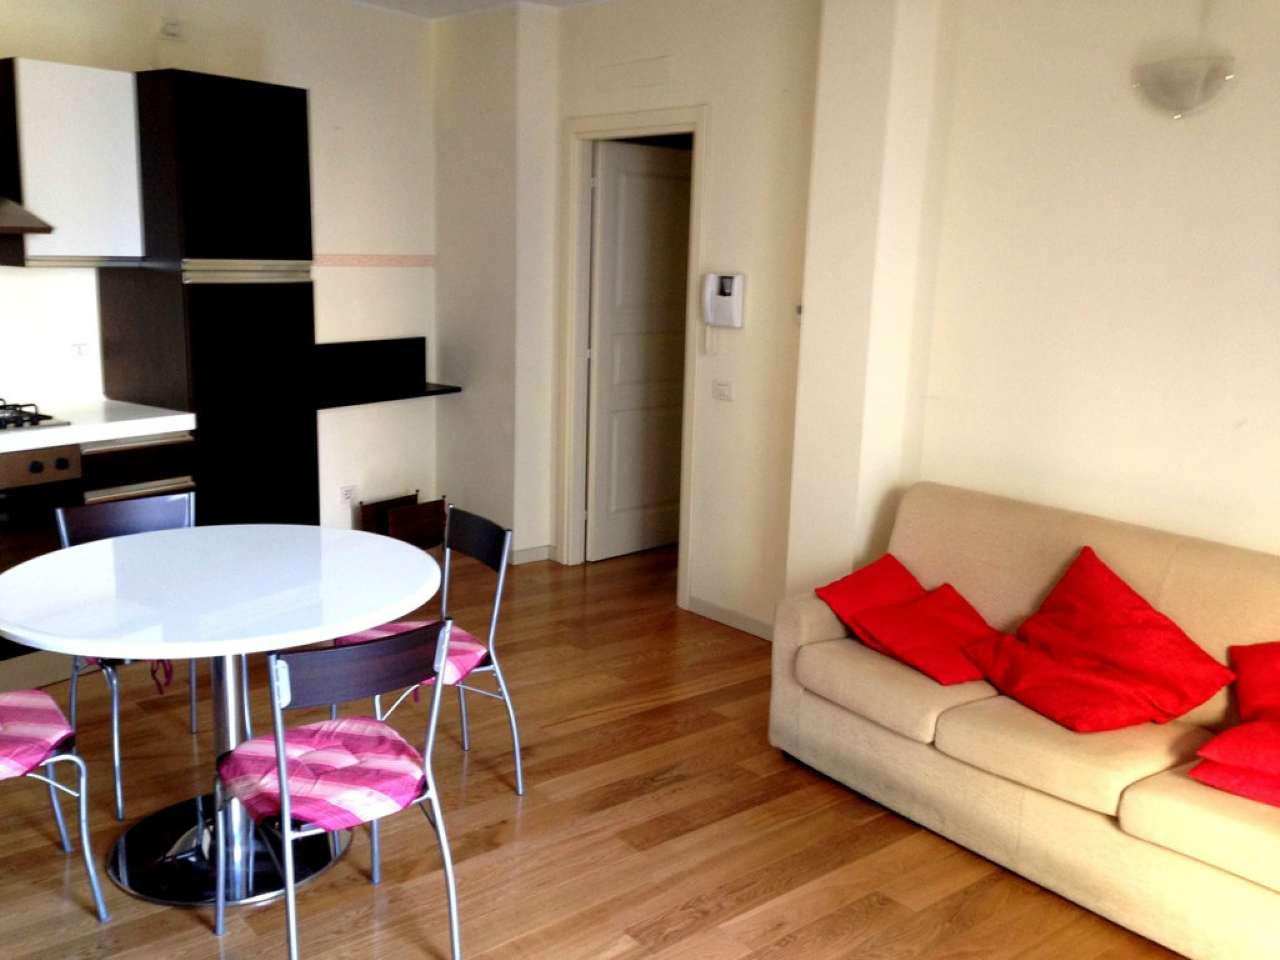 Appartamento in vendita a Meda, 2 locali, prezzo € 98.000   PortaleAgenzieImmobiliari.it